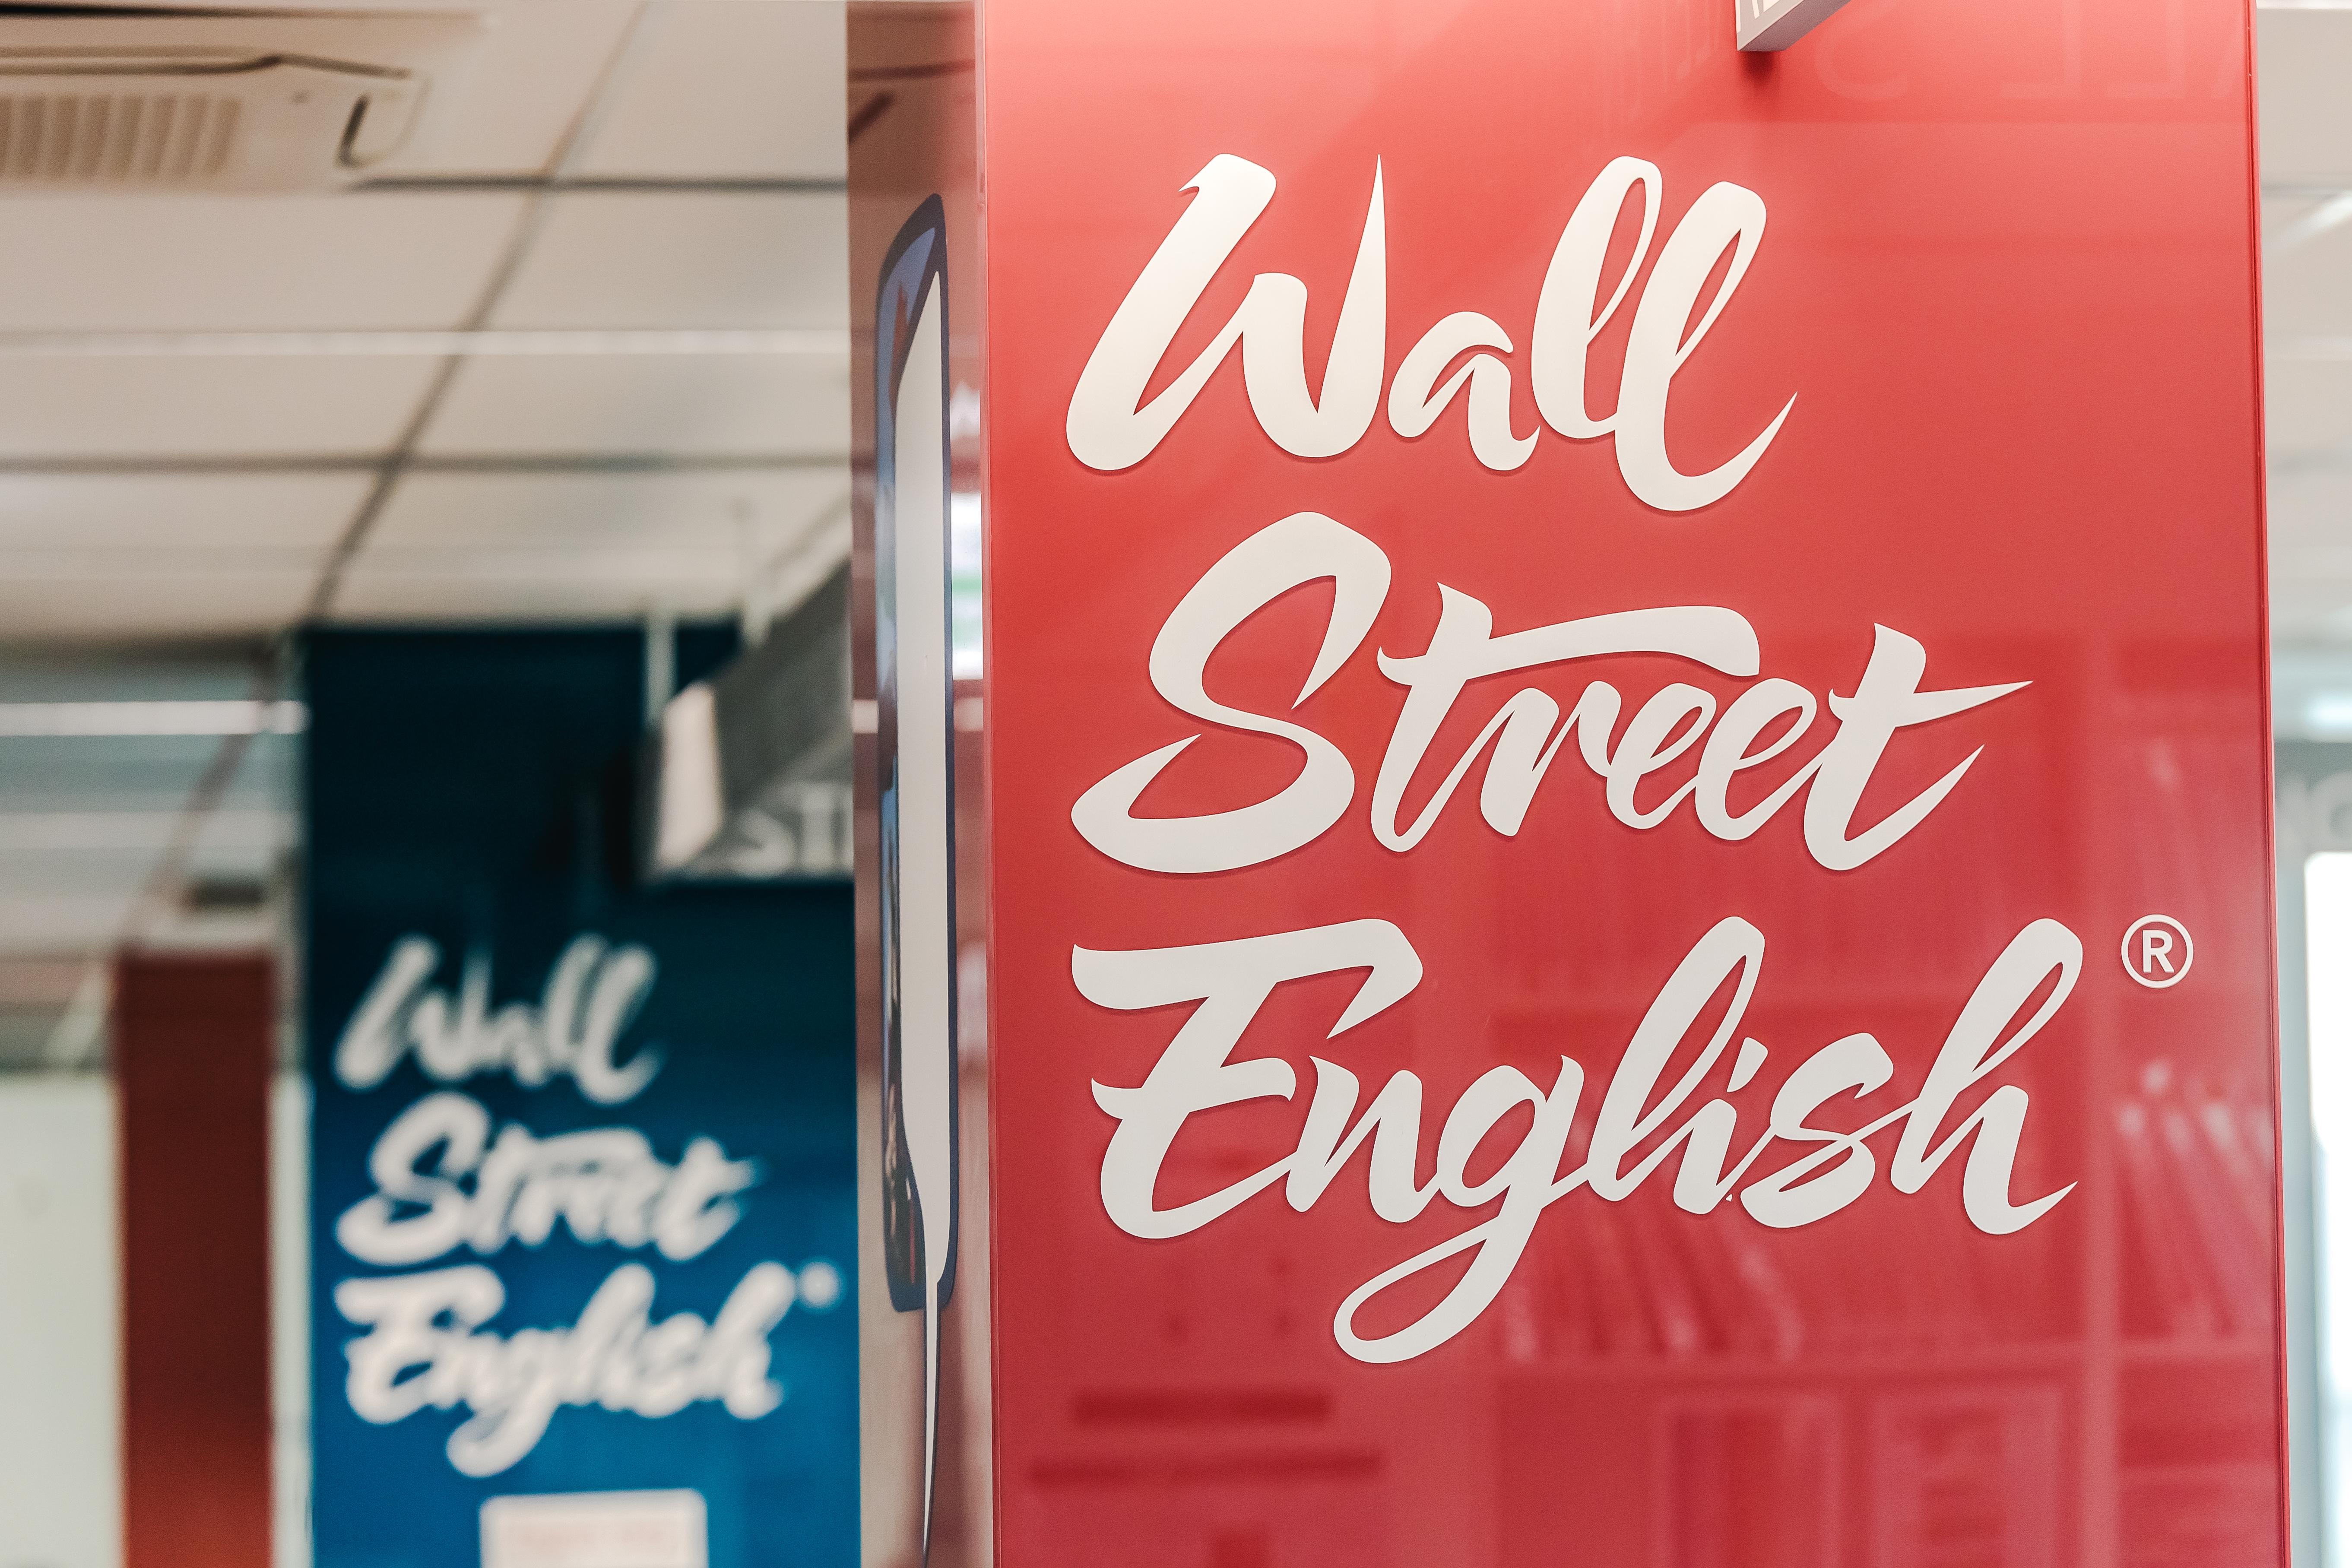 월스트리트 잉글리쉬 종로센터